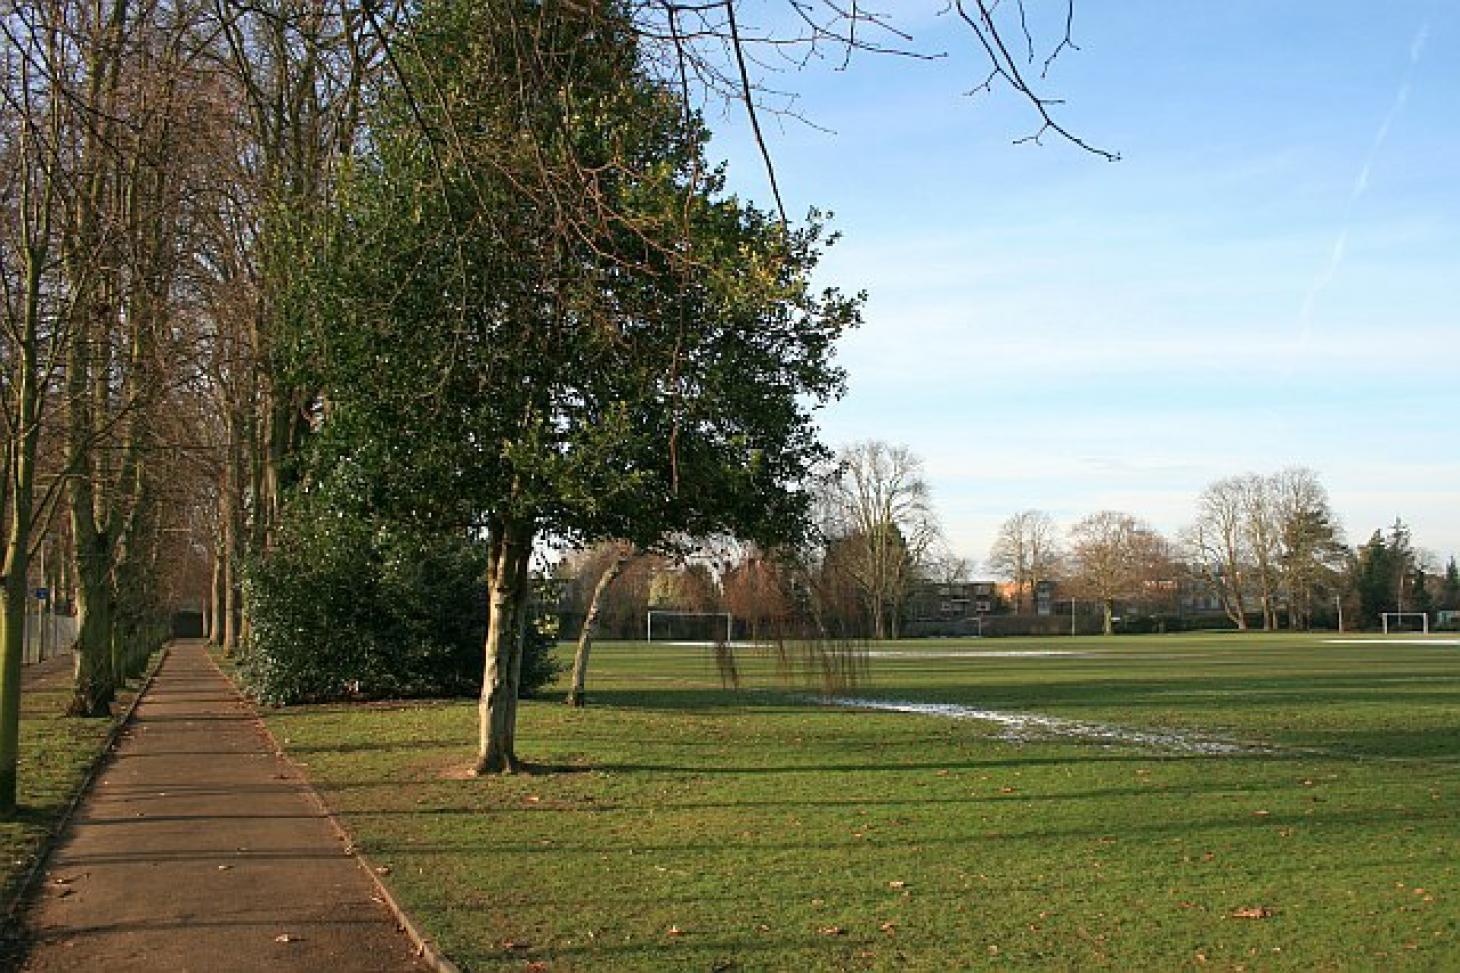 Alexandra Recreation Ground 11 a side | Grass football pitch